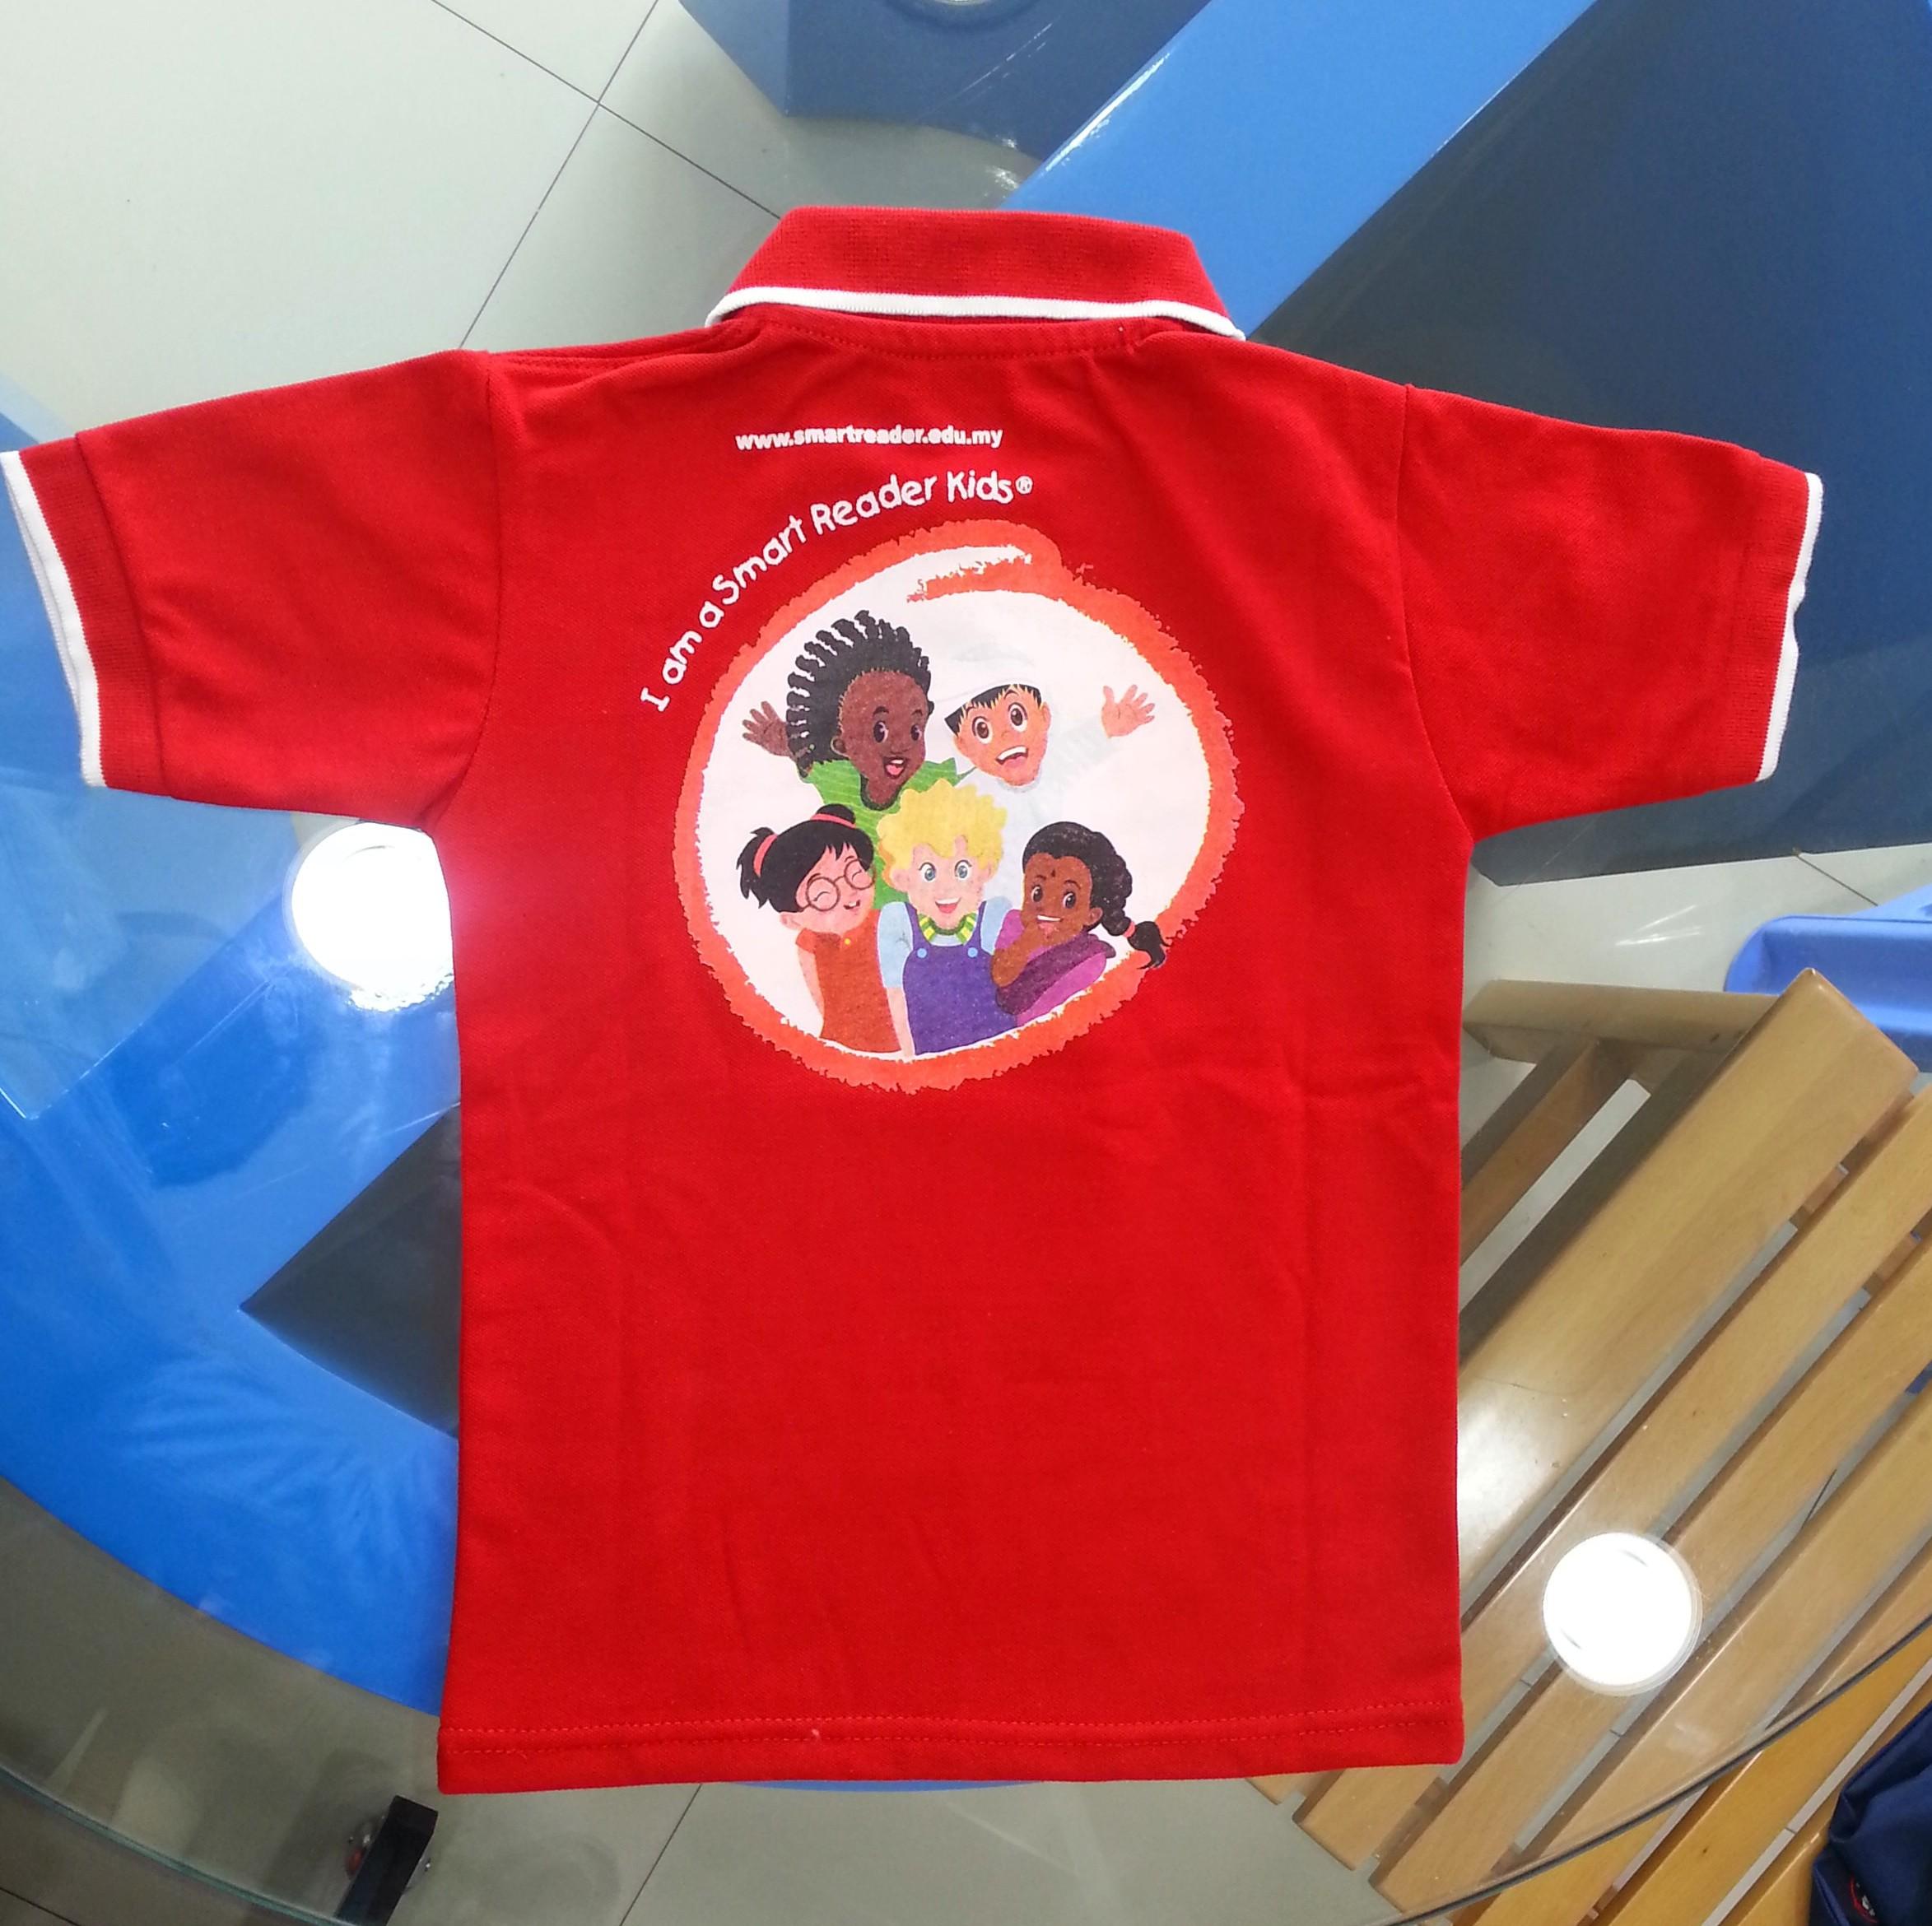 Kindergarten polo shirt with printing